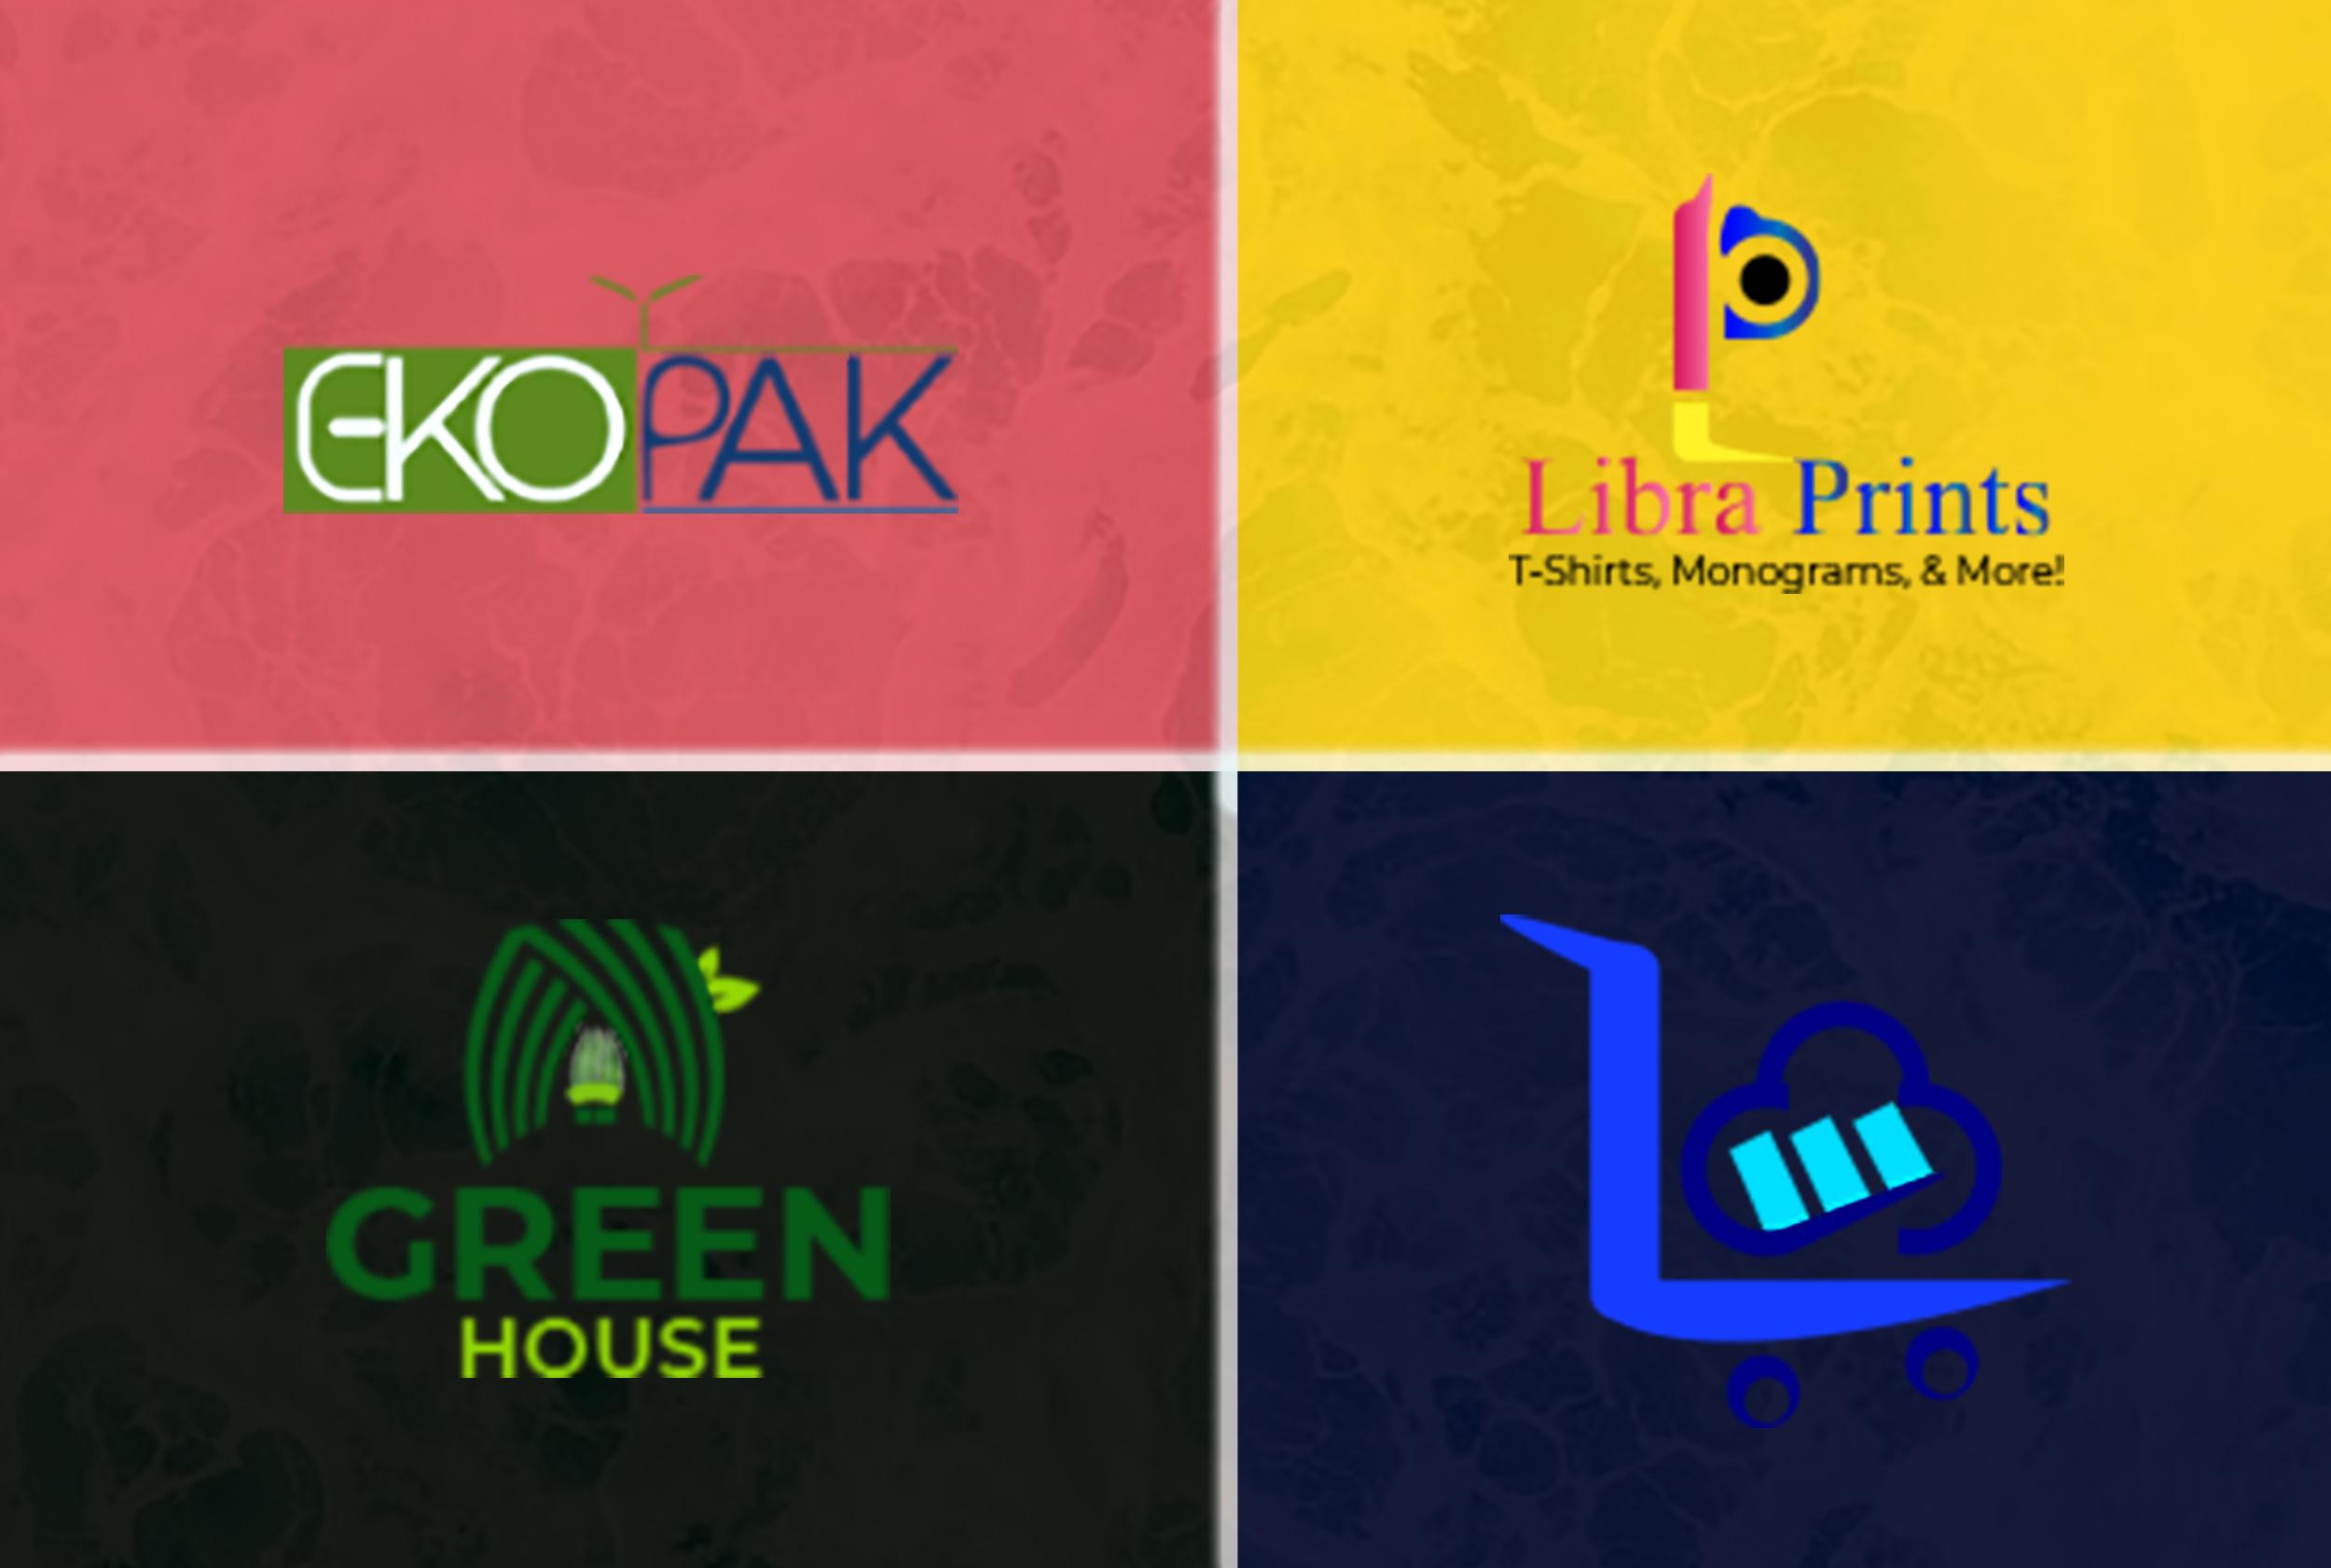 I will design modern, unique minimalist logo